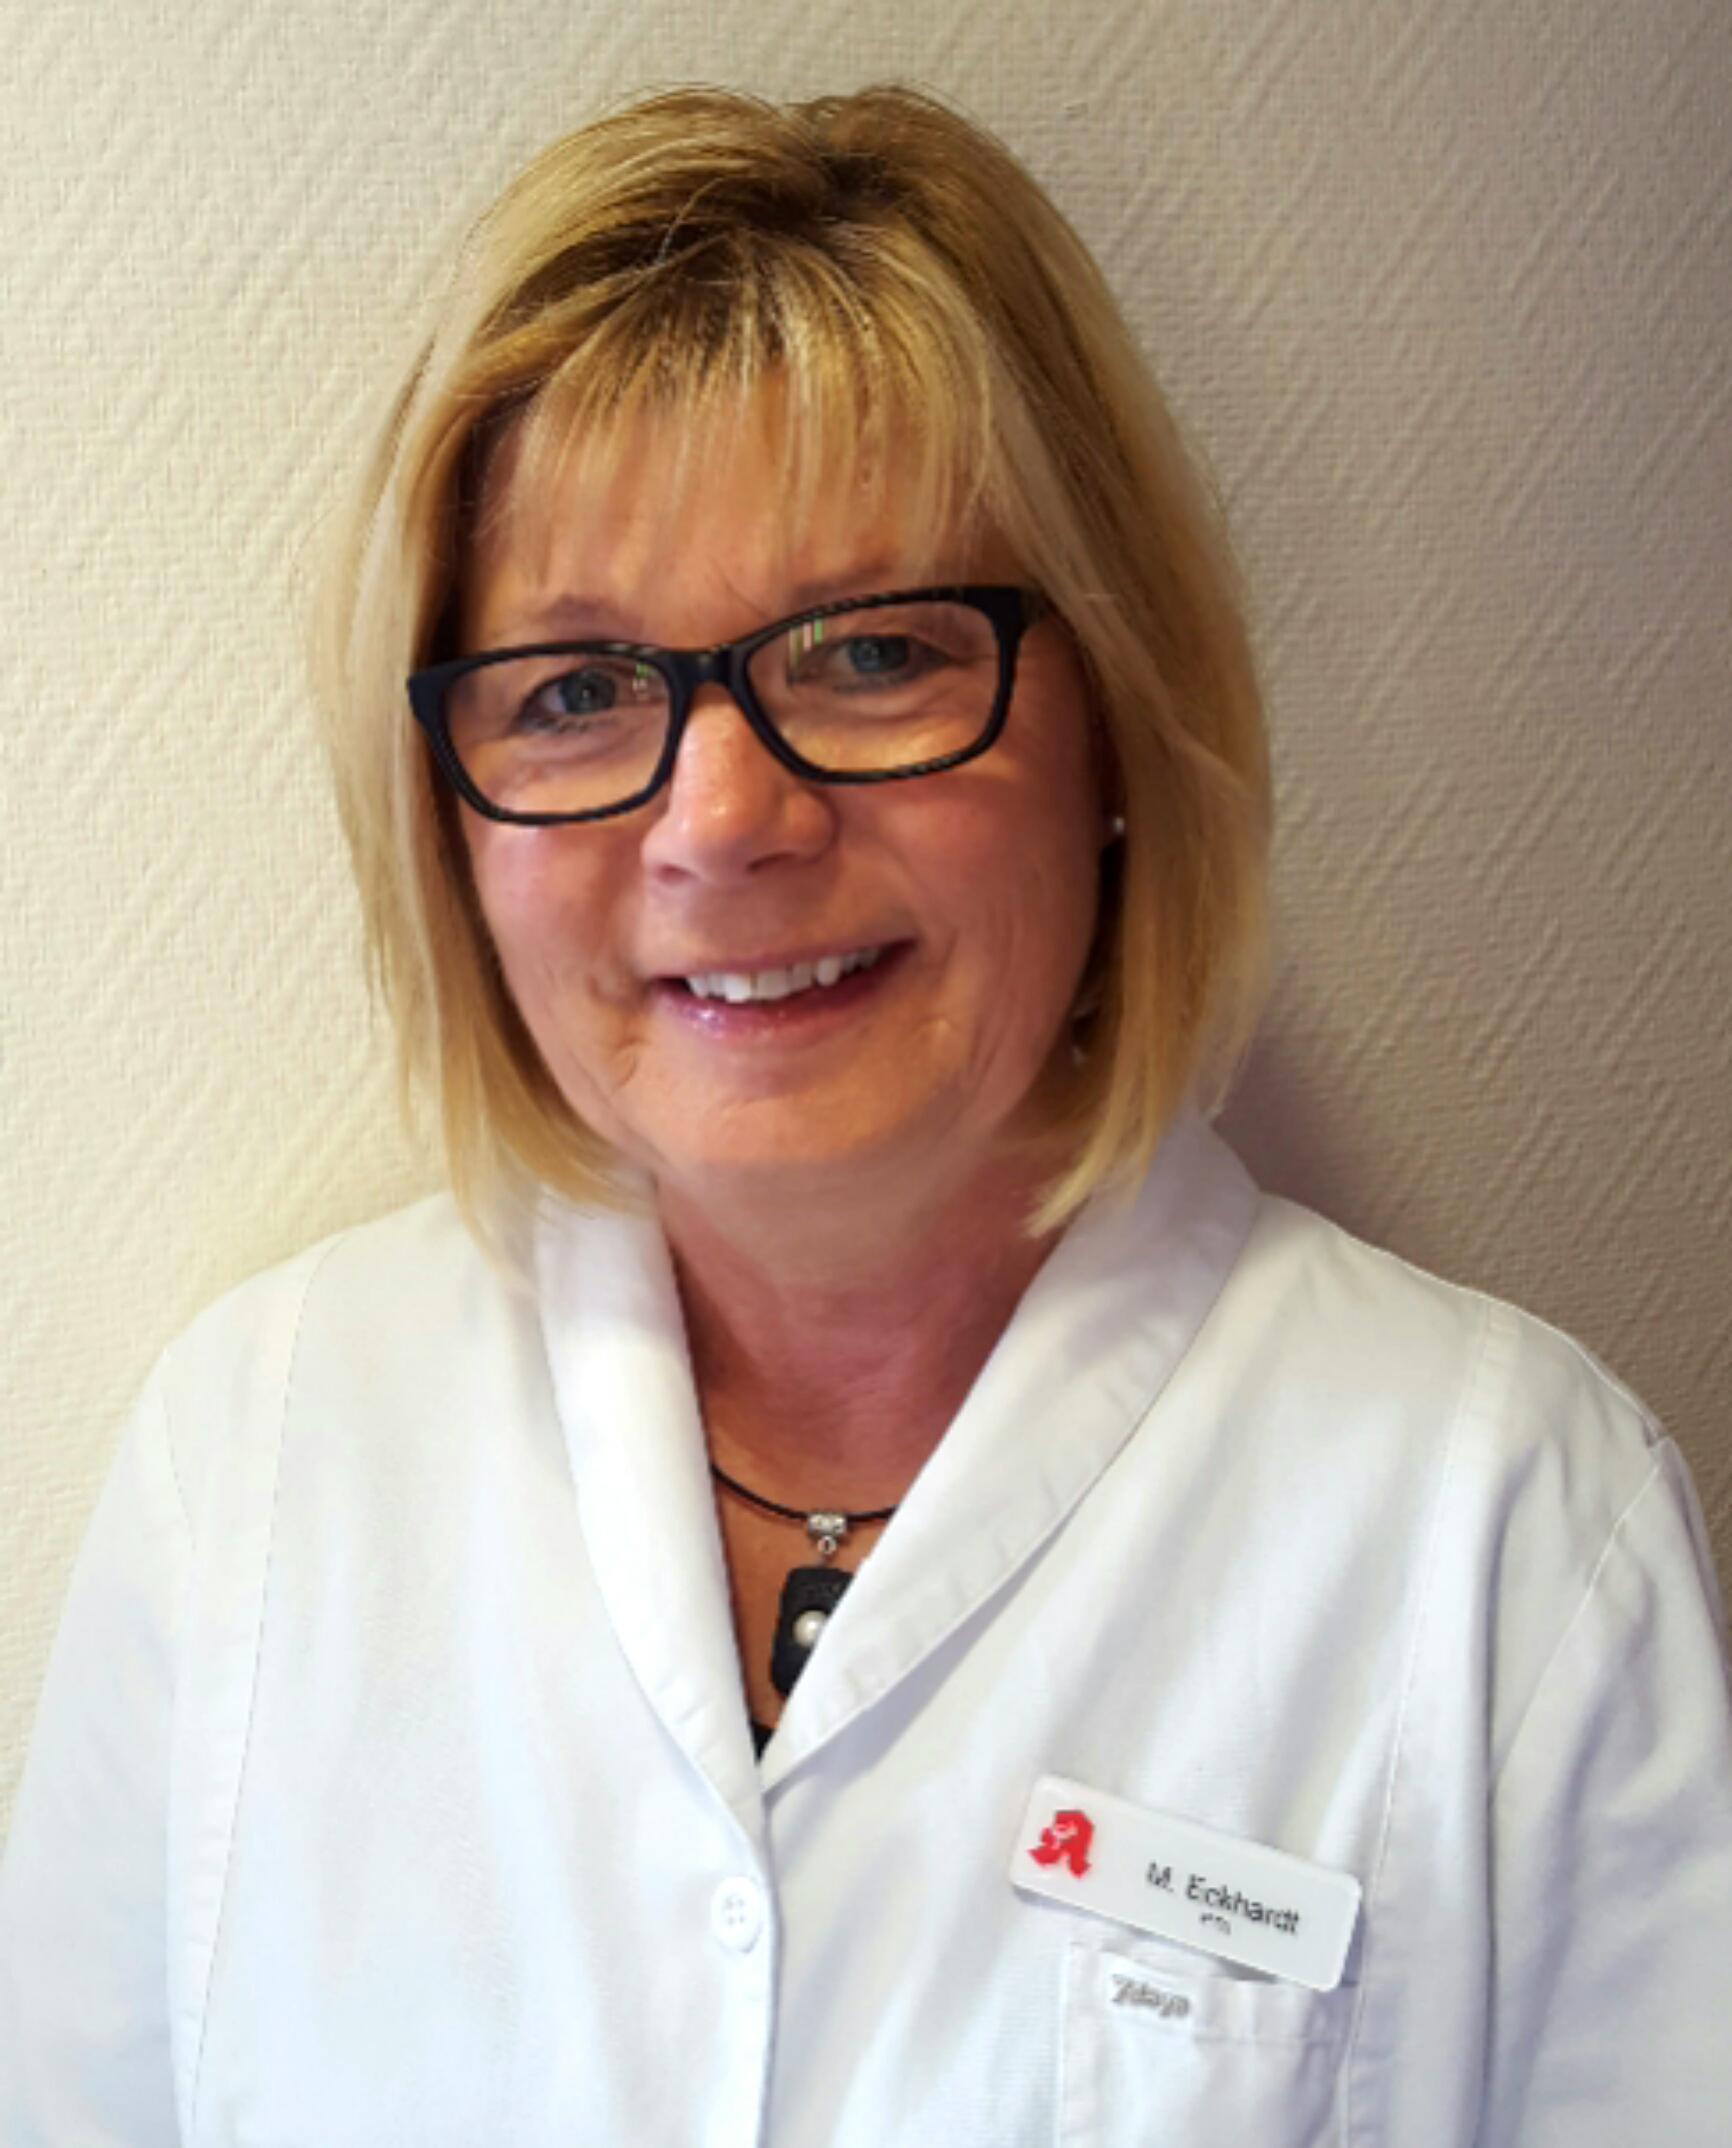 Margret Eckhardt